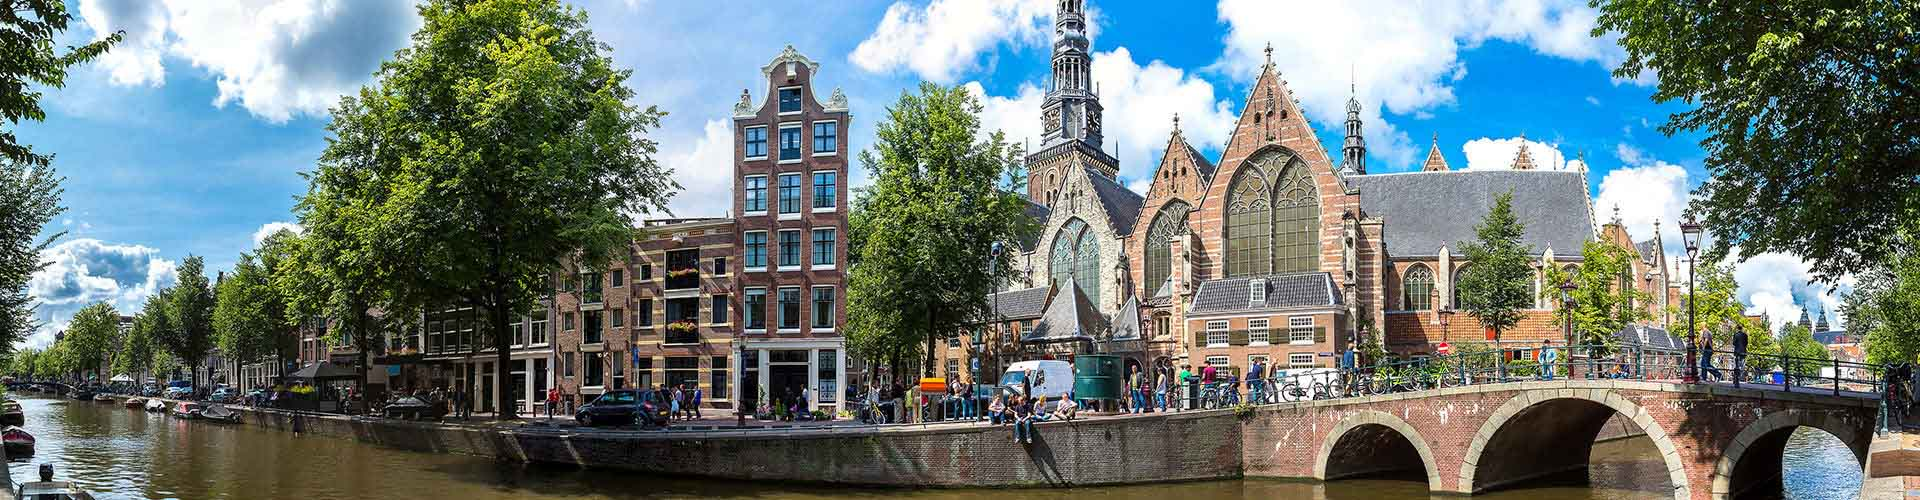 阿姆斯特丹 – 欧德科克附近的露营地。阿姆斯特丹地图,阿姆斯特丹每个露营地的照片和评价。